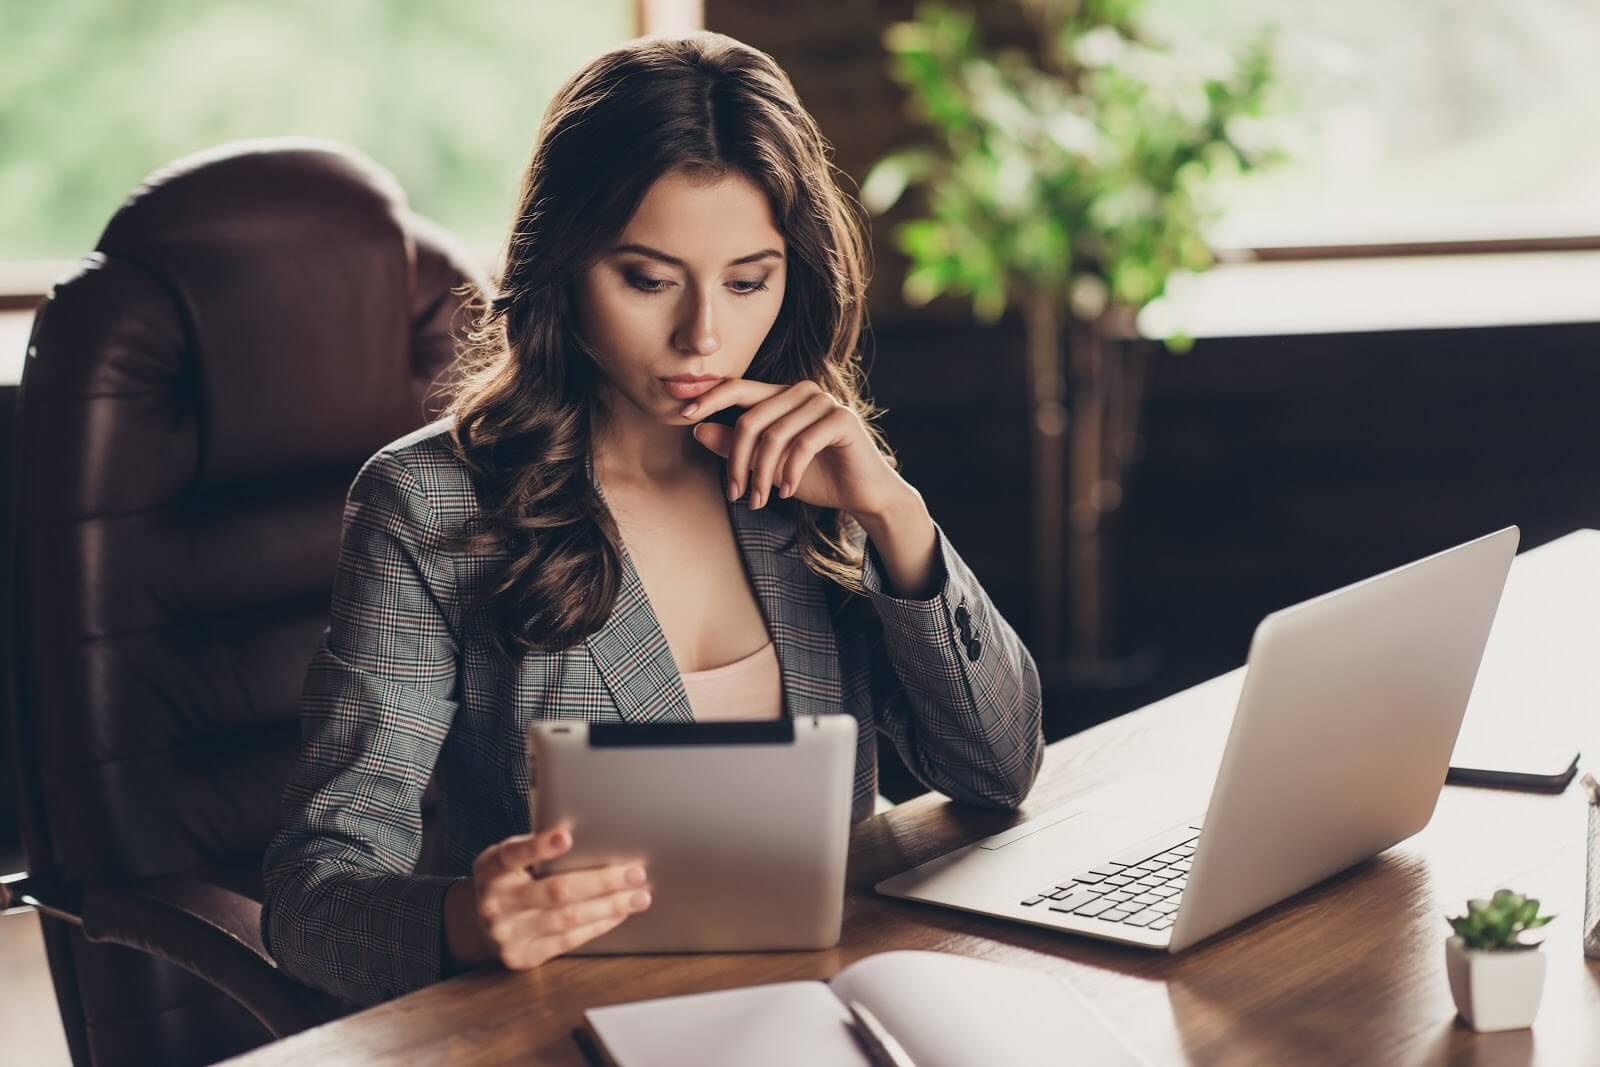 Đưa ra phương án làm việc từ xa để đơn xin nghỉ của bạn dễ dàng được chấp thuận hơn